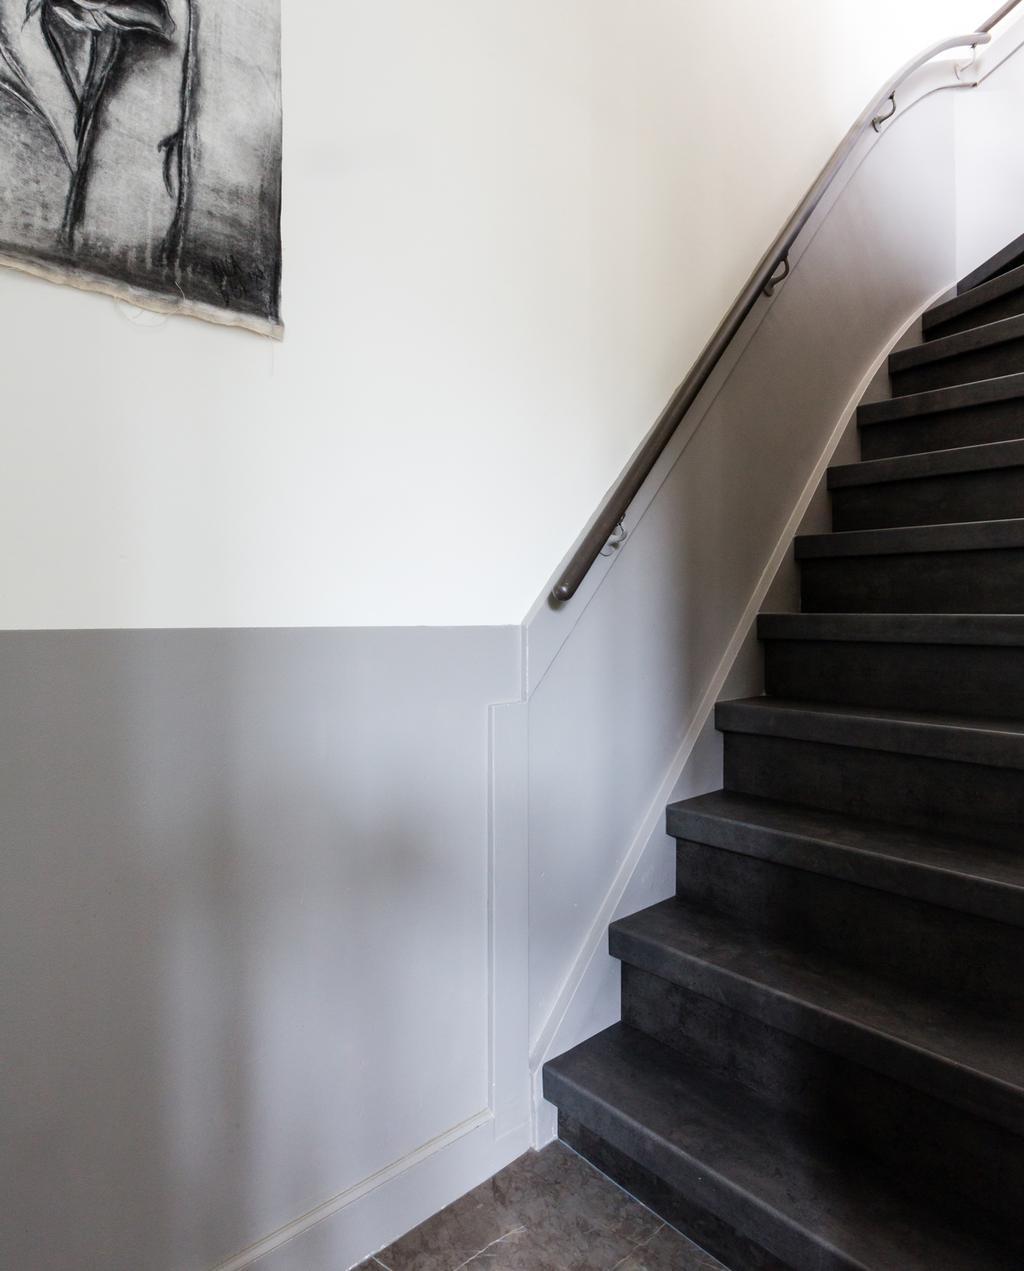 vtwonen weer verliefd op je huis | aflevering 2 seizoen 12 | Marianne in Eemnes